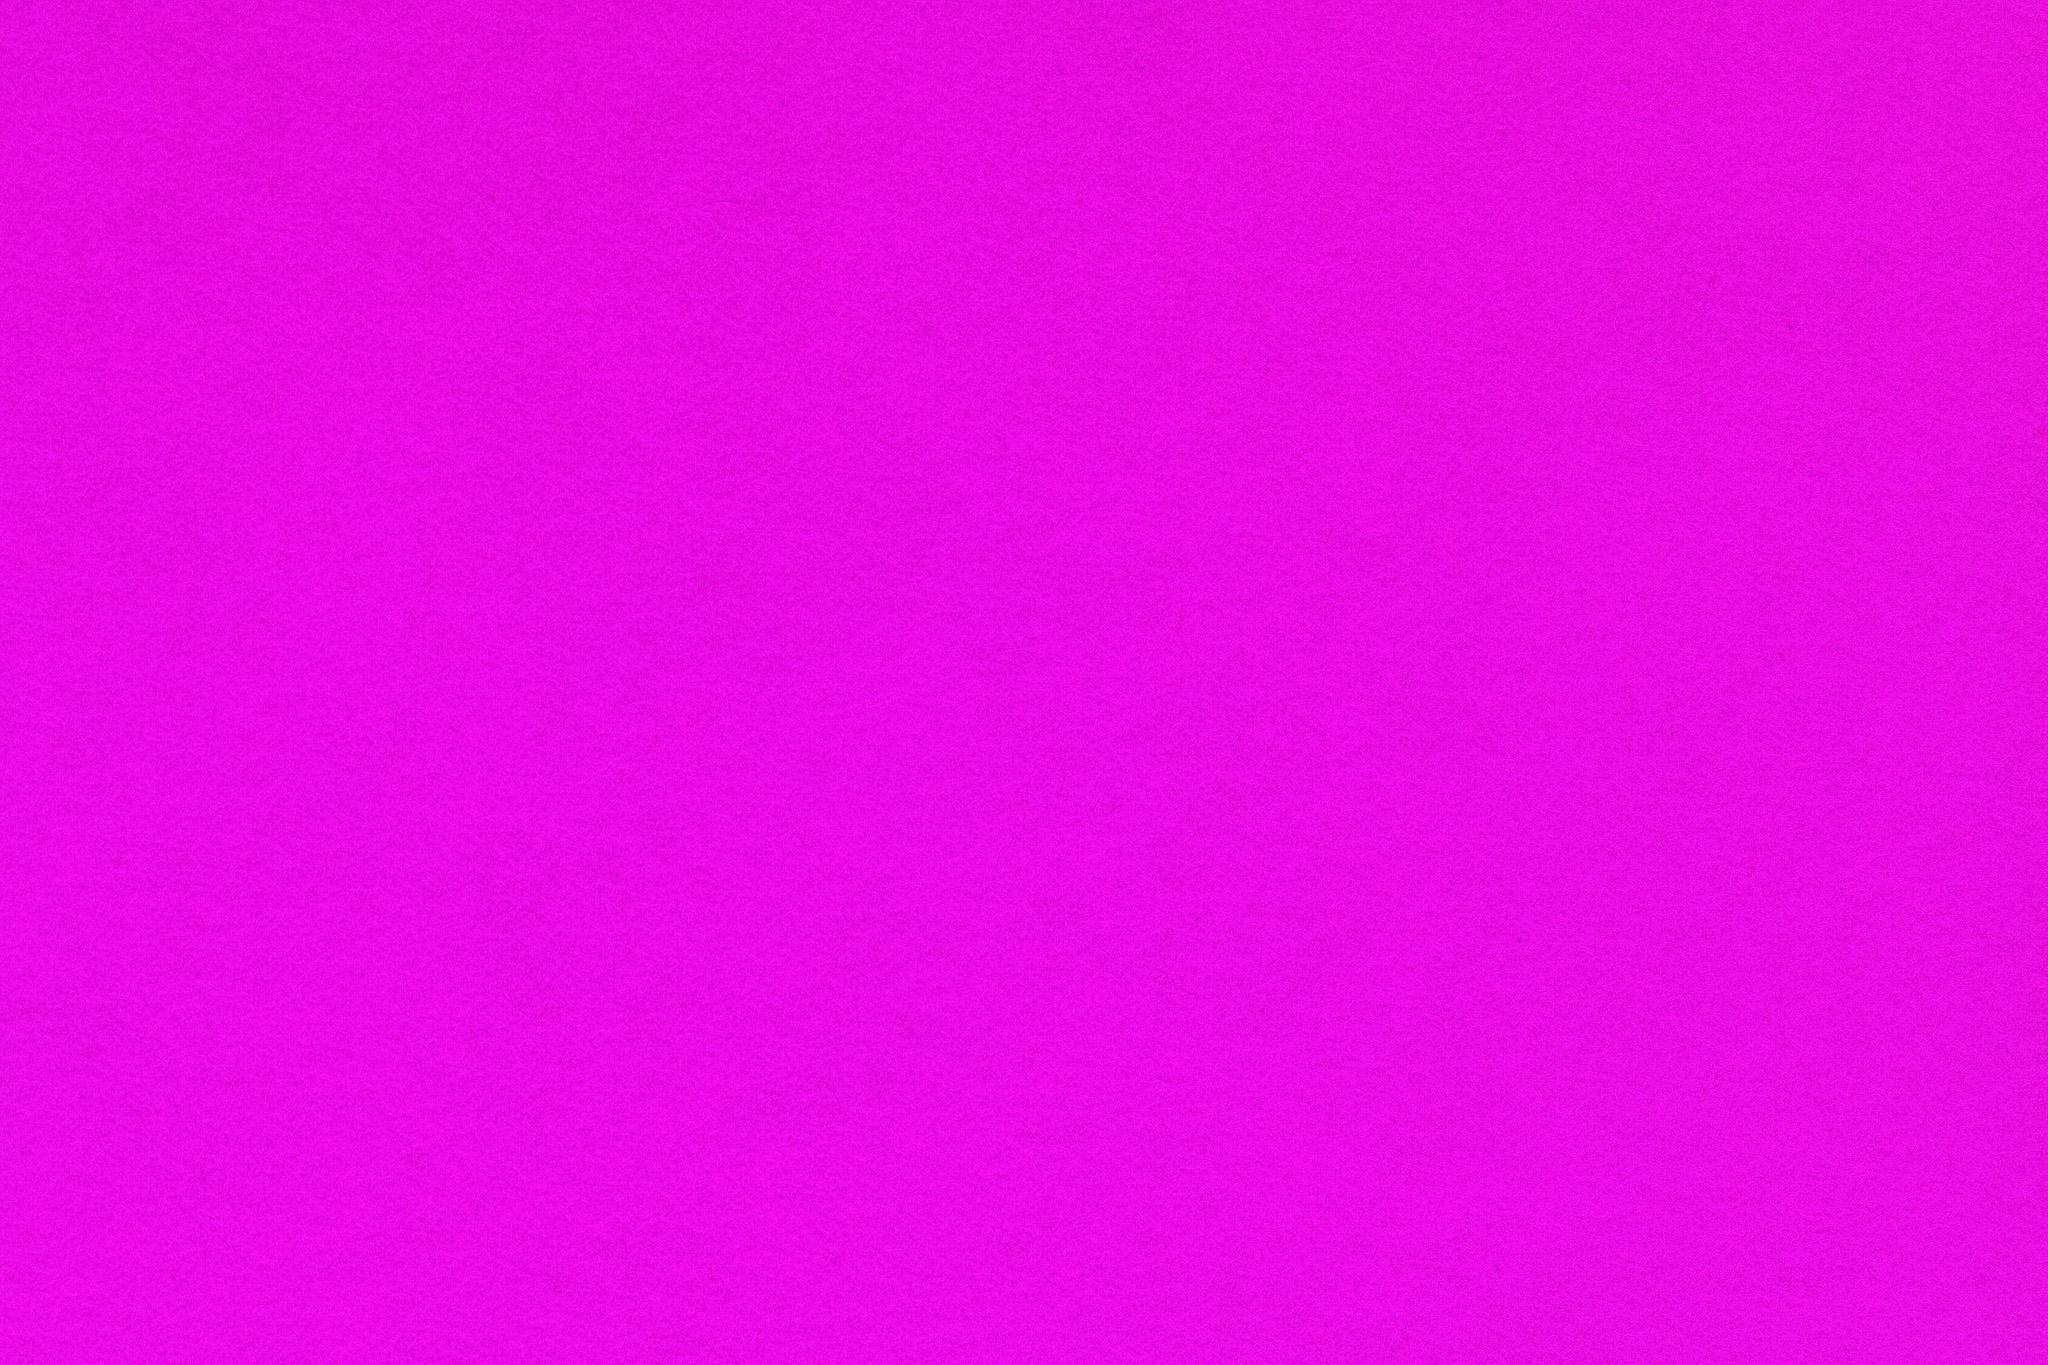 「鮮やかなピンク色の紙」